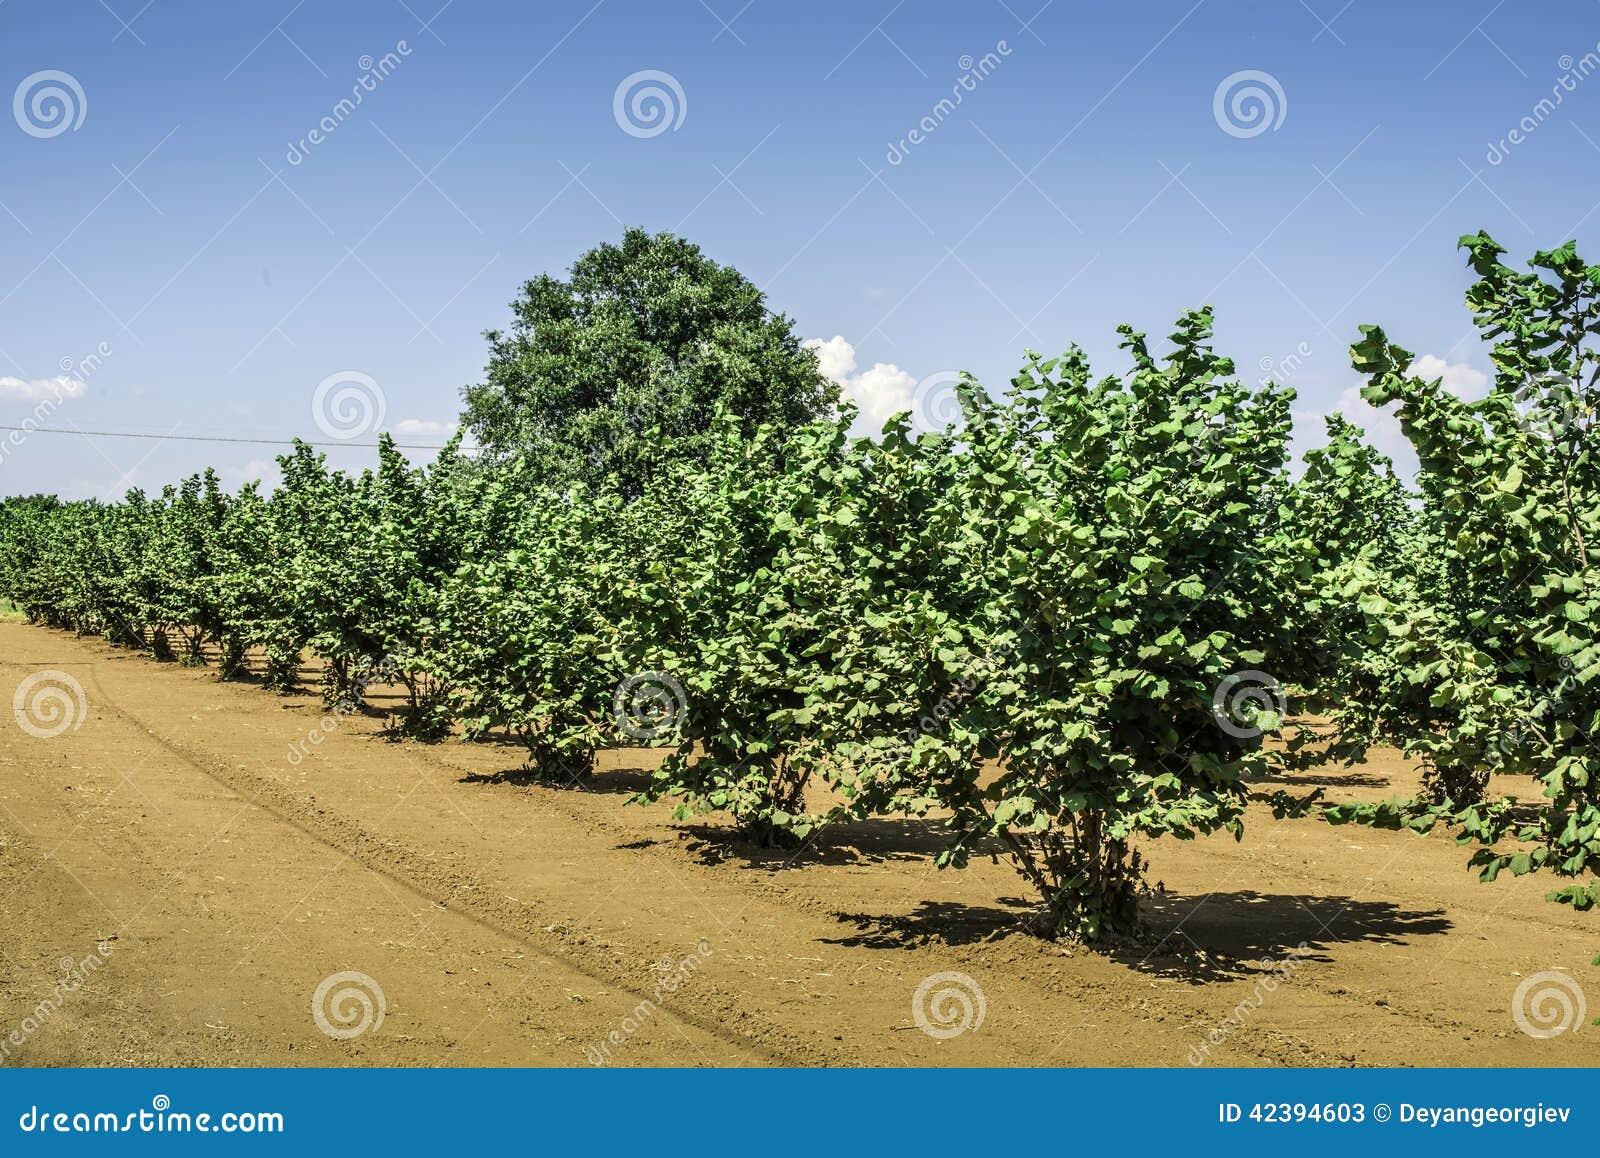 Plantation d 39 arbre noisette photo stock image 42394603 - Plantation d arbres synonyme ...